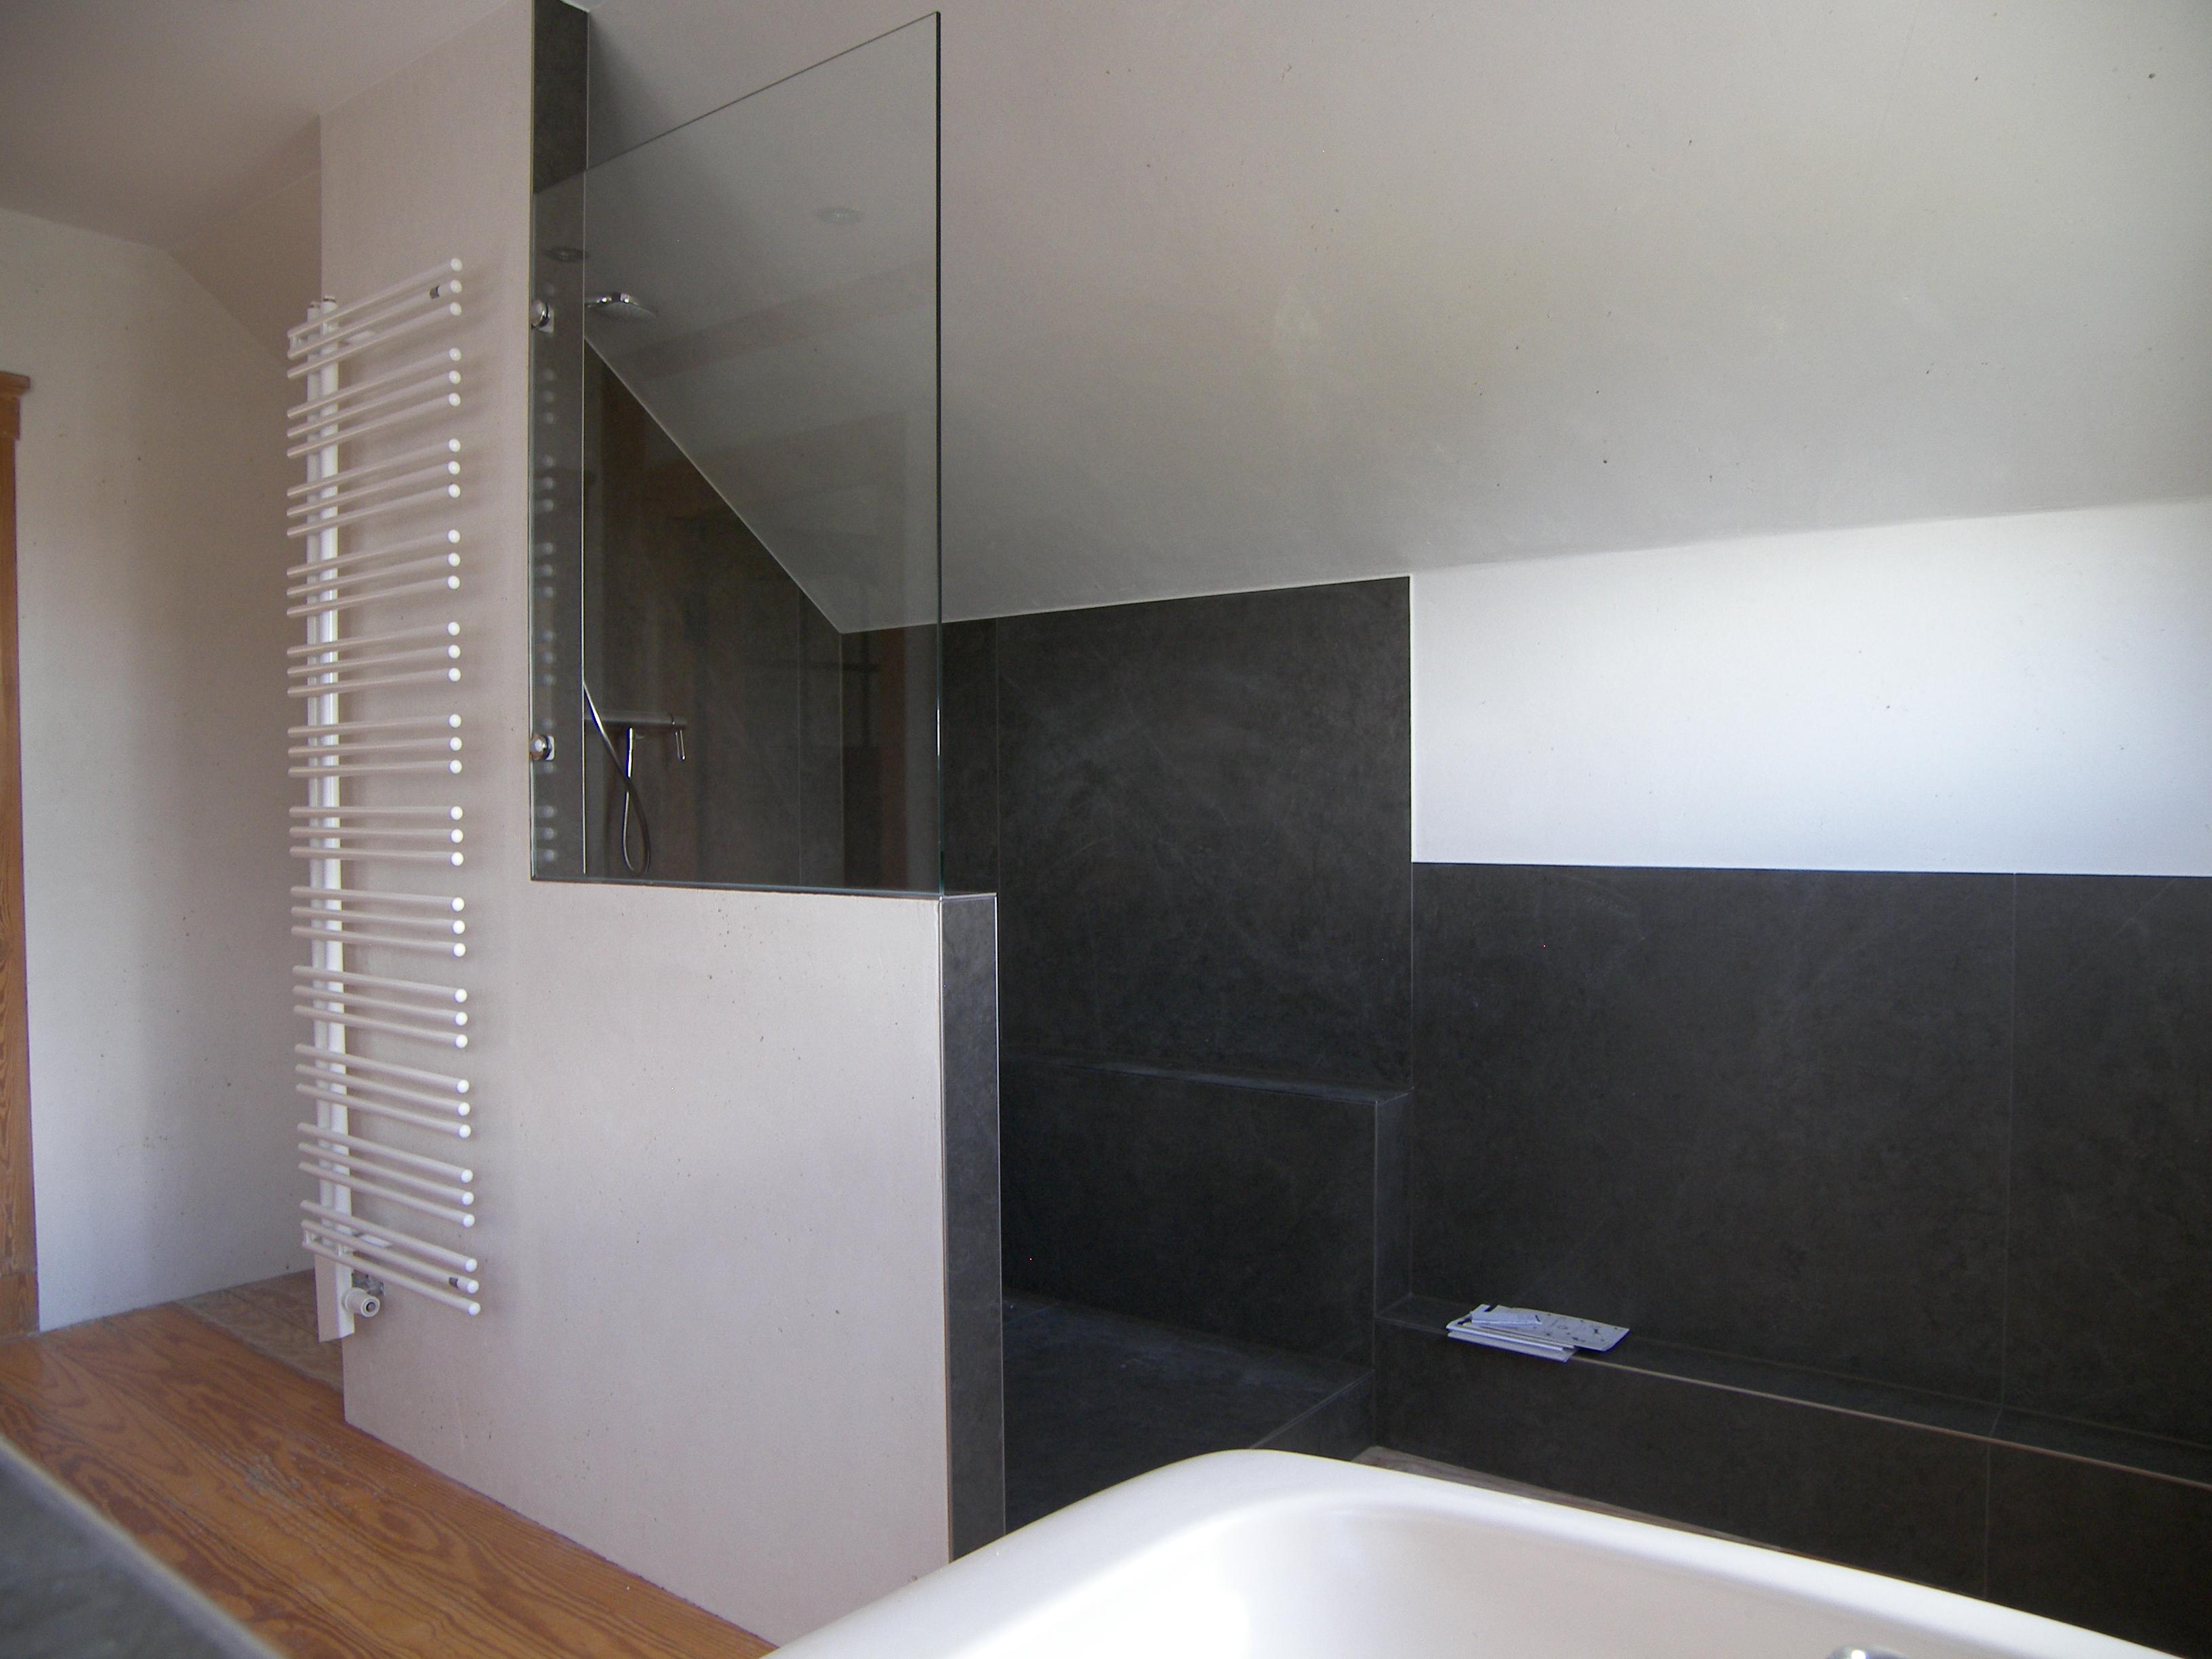 Duschbereich mit Kerlite Fliesen